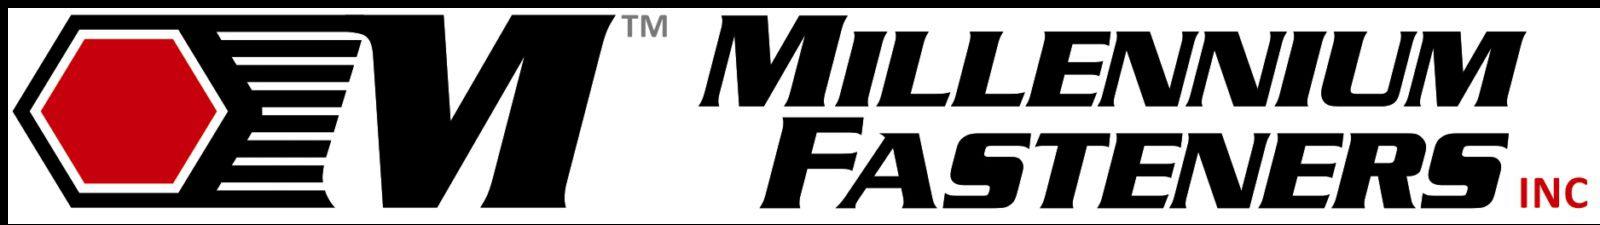 Millennium Fasteners Inc logo.